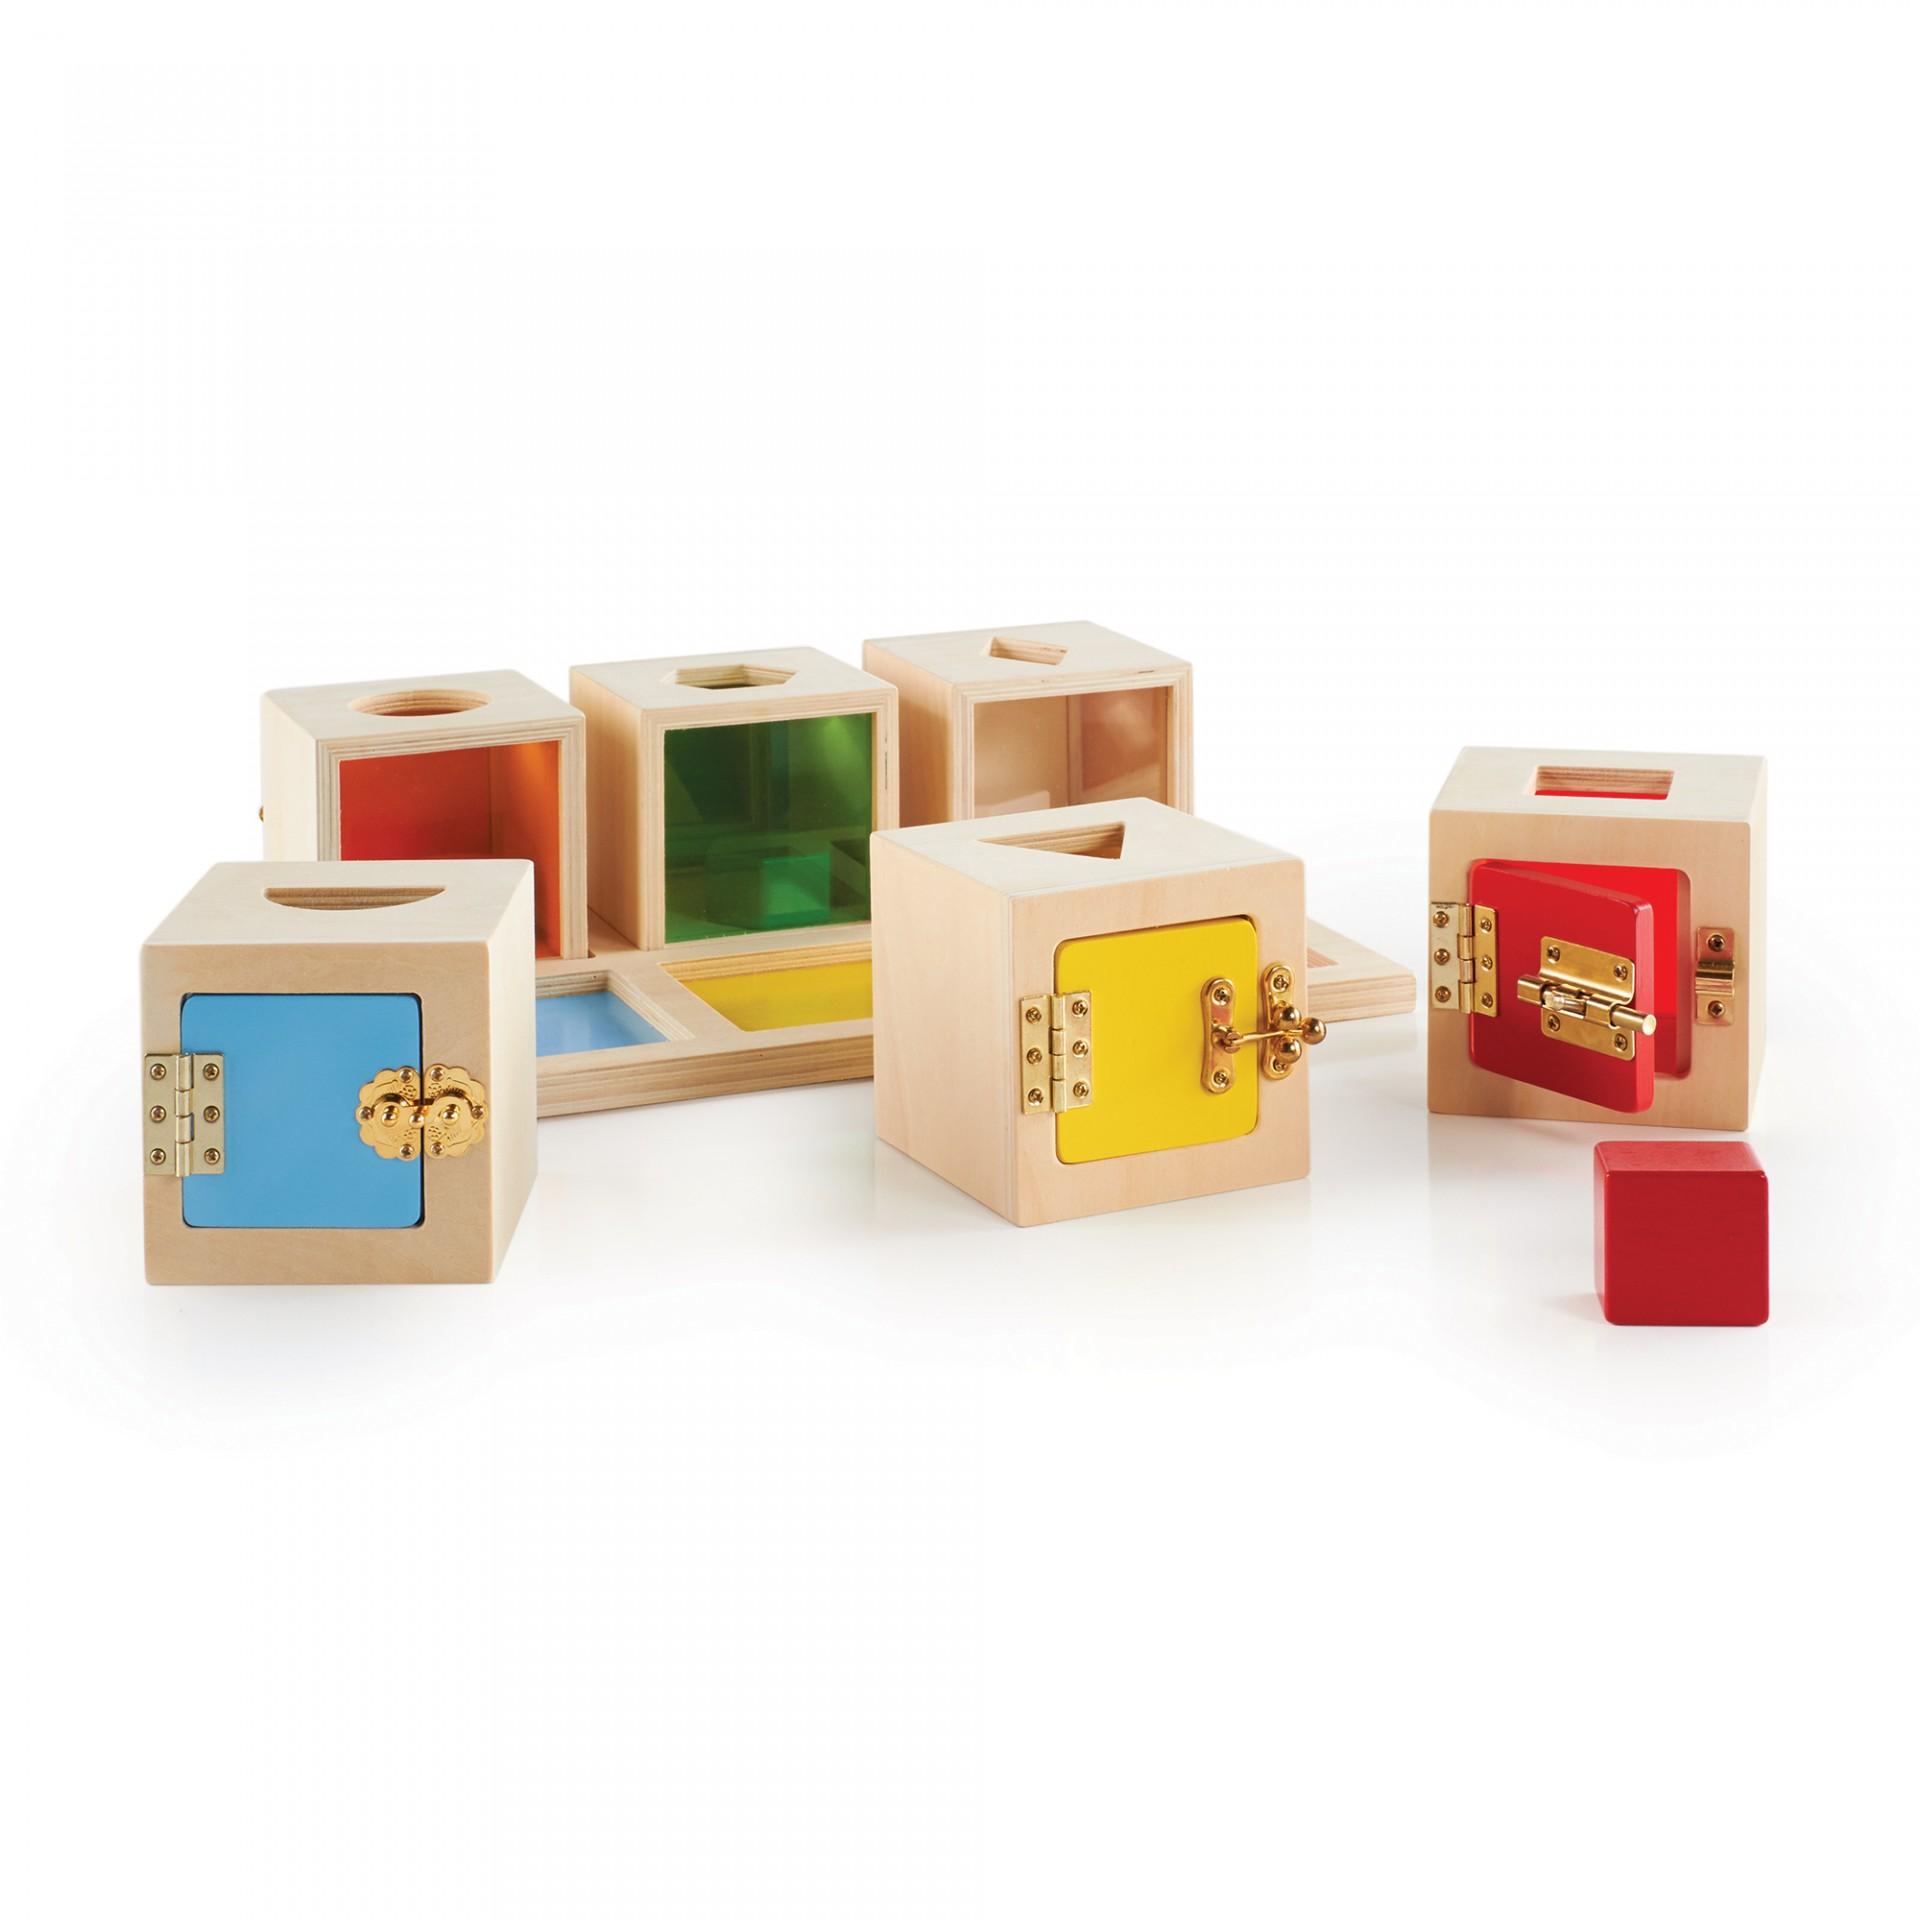 Caixa de Fechaduras e Formas | Guidecraft